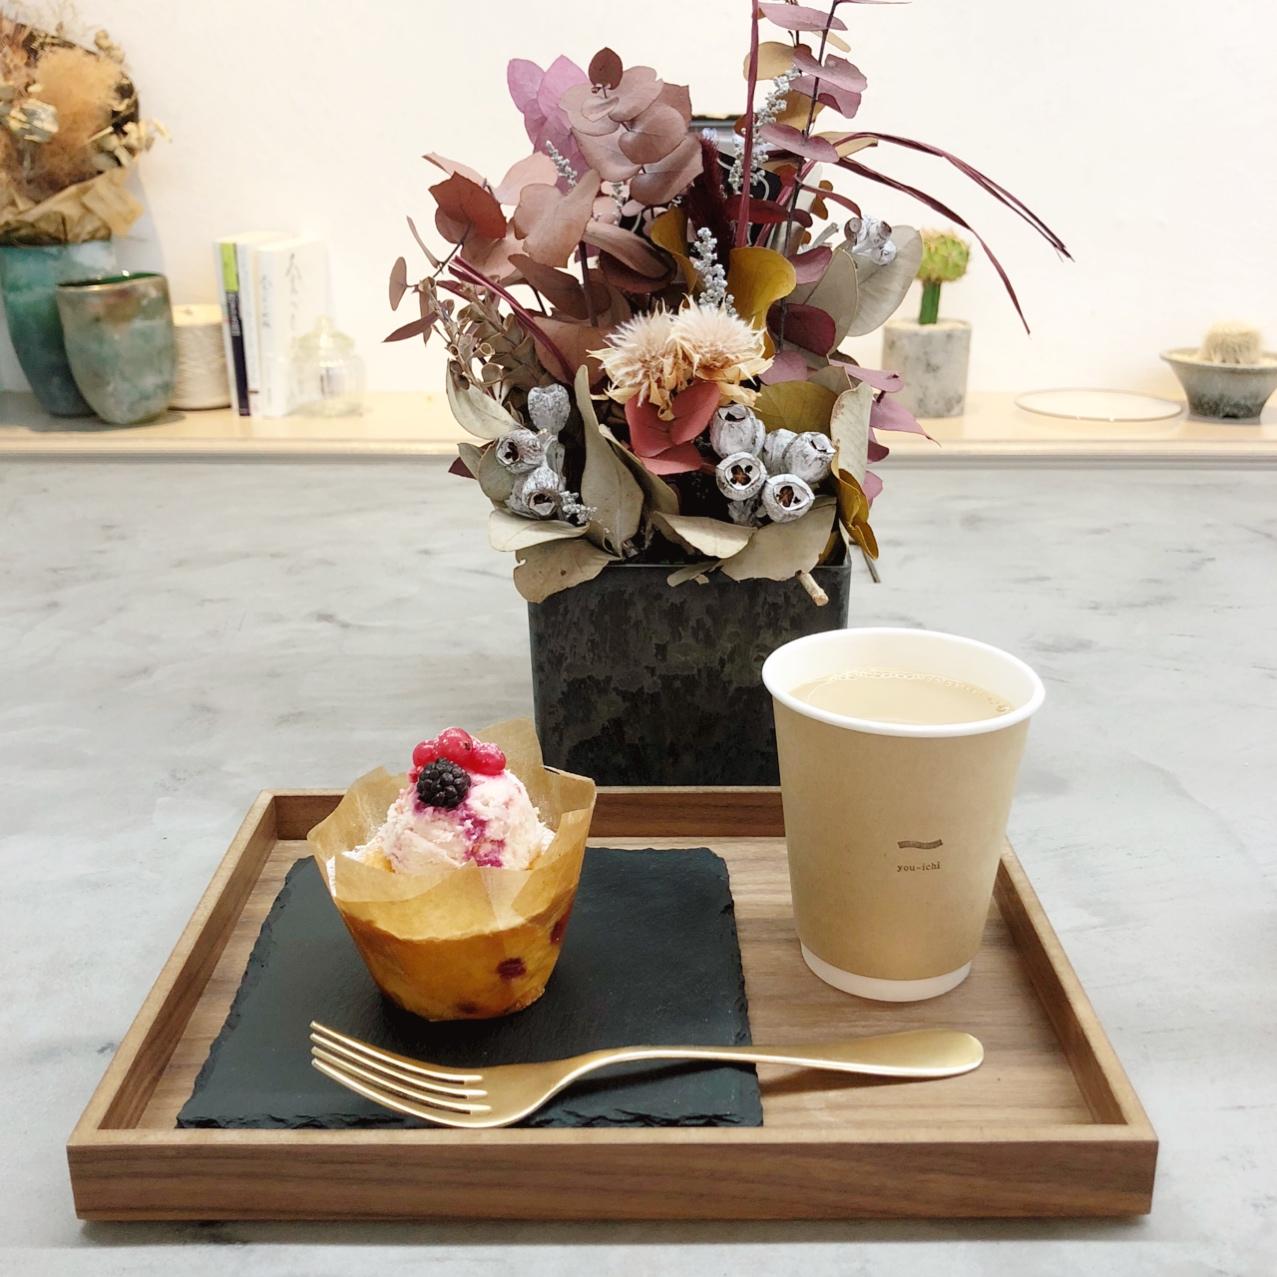 観光の休憩に立ち寄りたい!広島のおしゃれカフェ ♡『 you-ichi GLUE  』のおいしいジャムと焼き菓子♡ _7